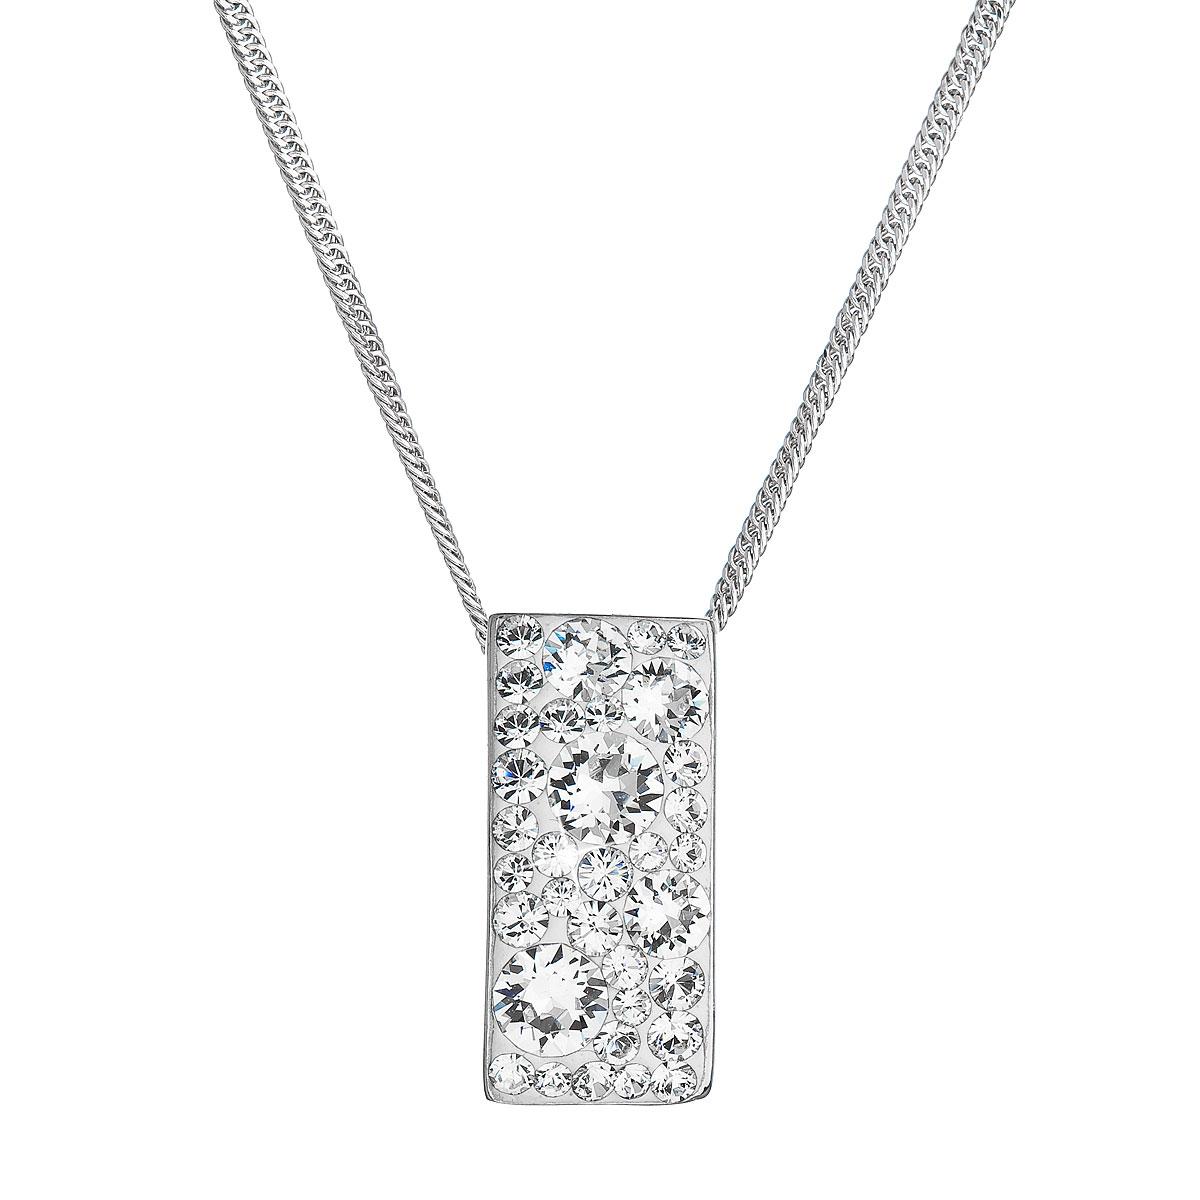 Strieborný náhrdelník so Swarovski kryštálmi biely obdĺžnik 32074.1